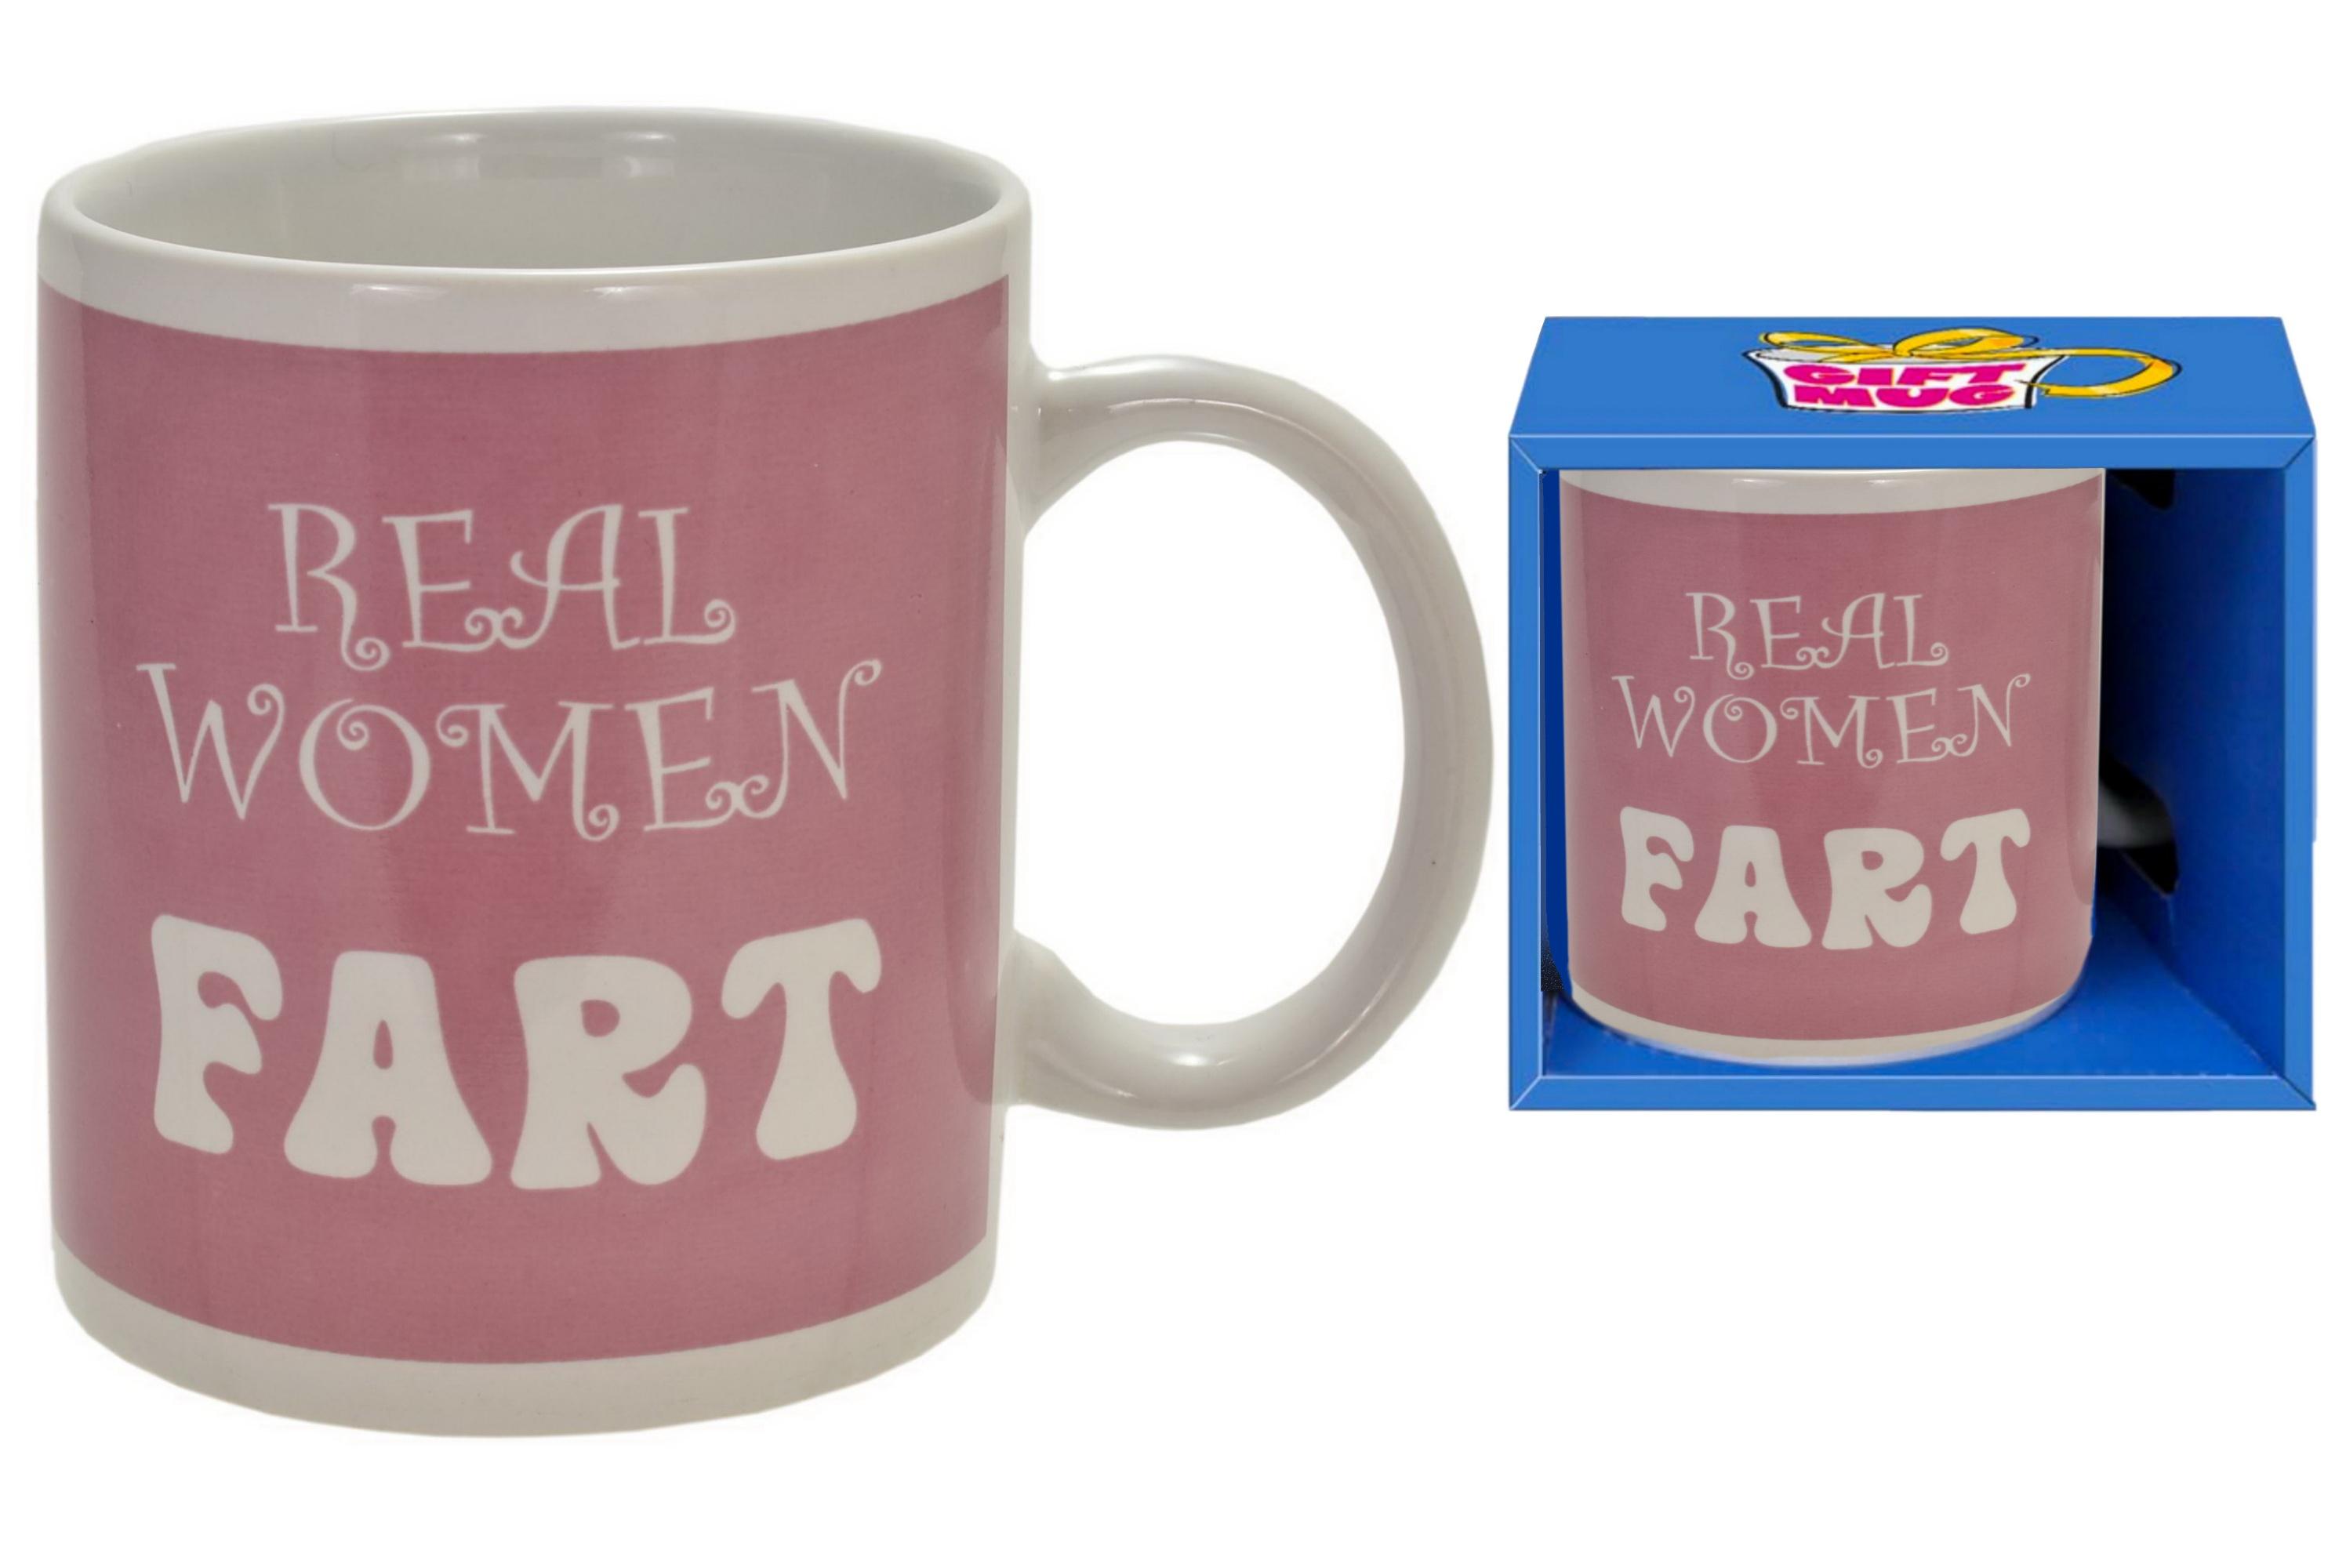 Real Women Fart Mug In Gift Box